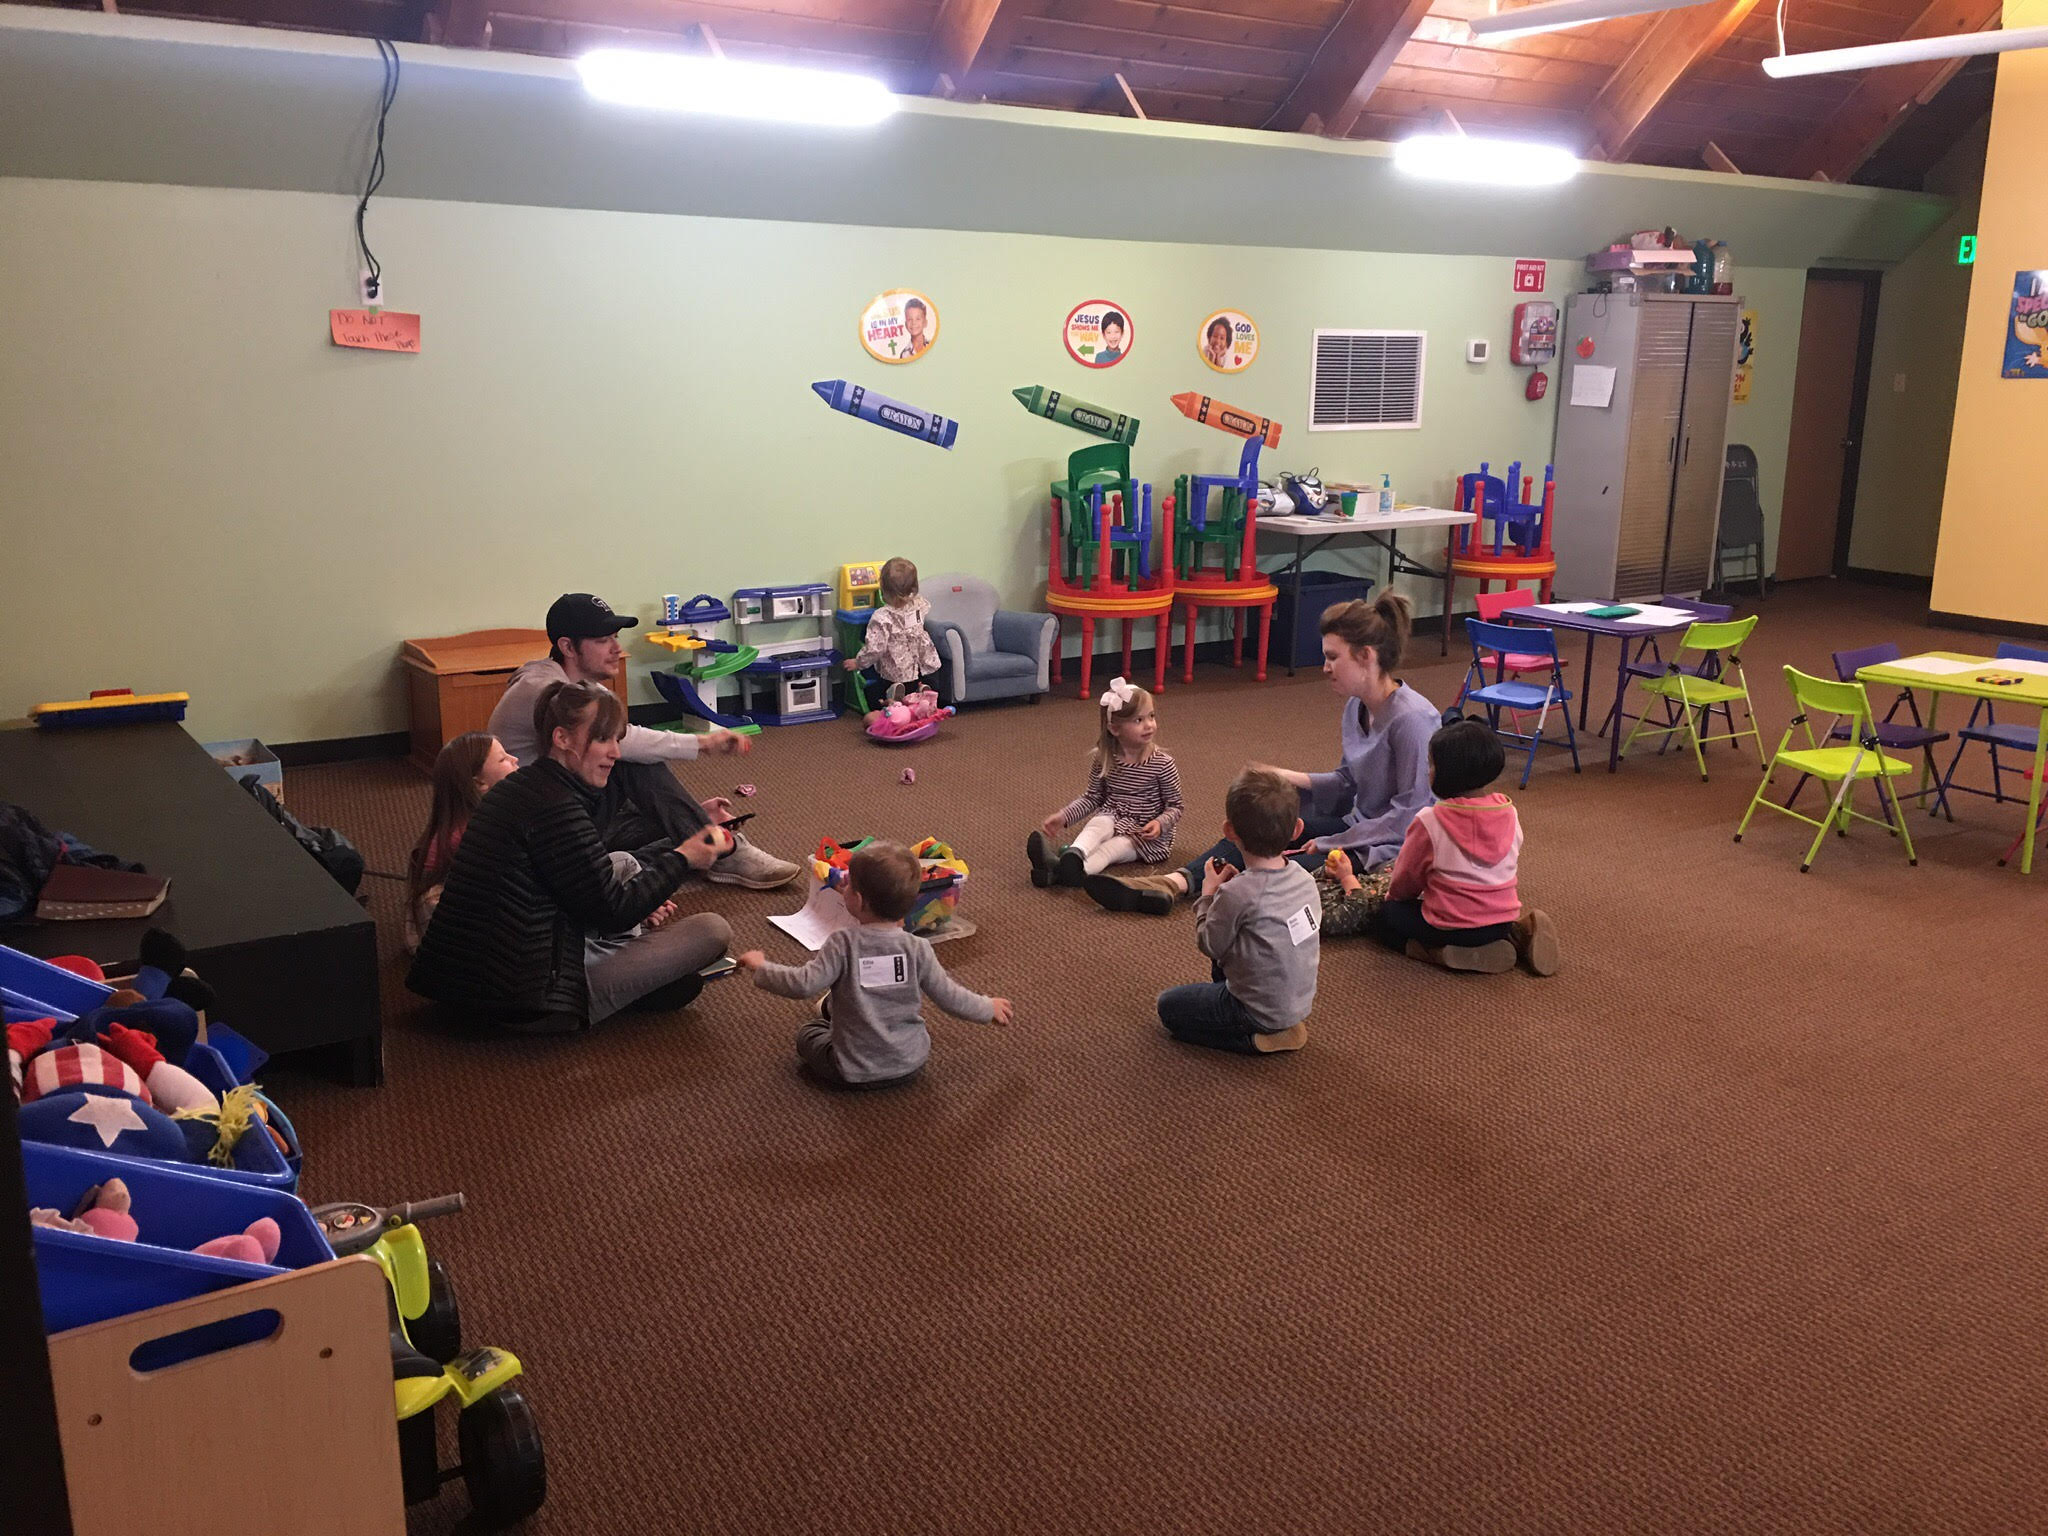 kids circle.jpg